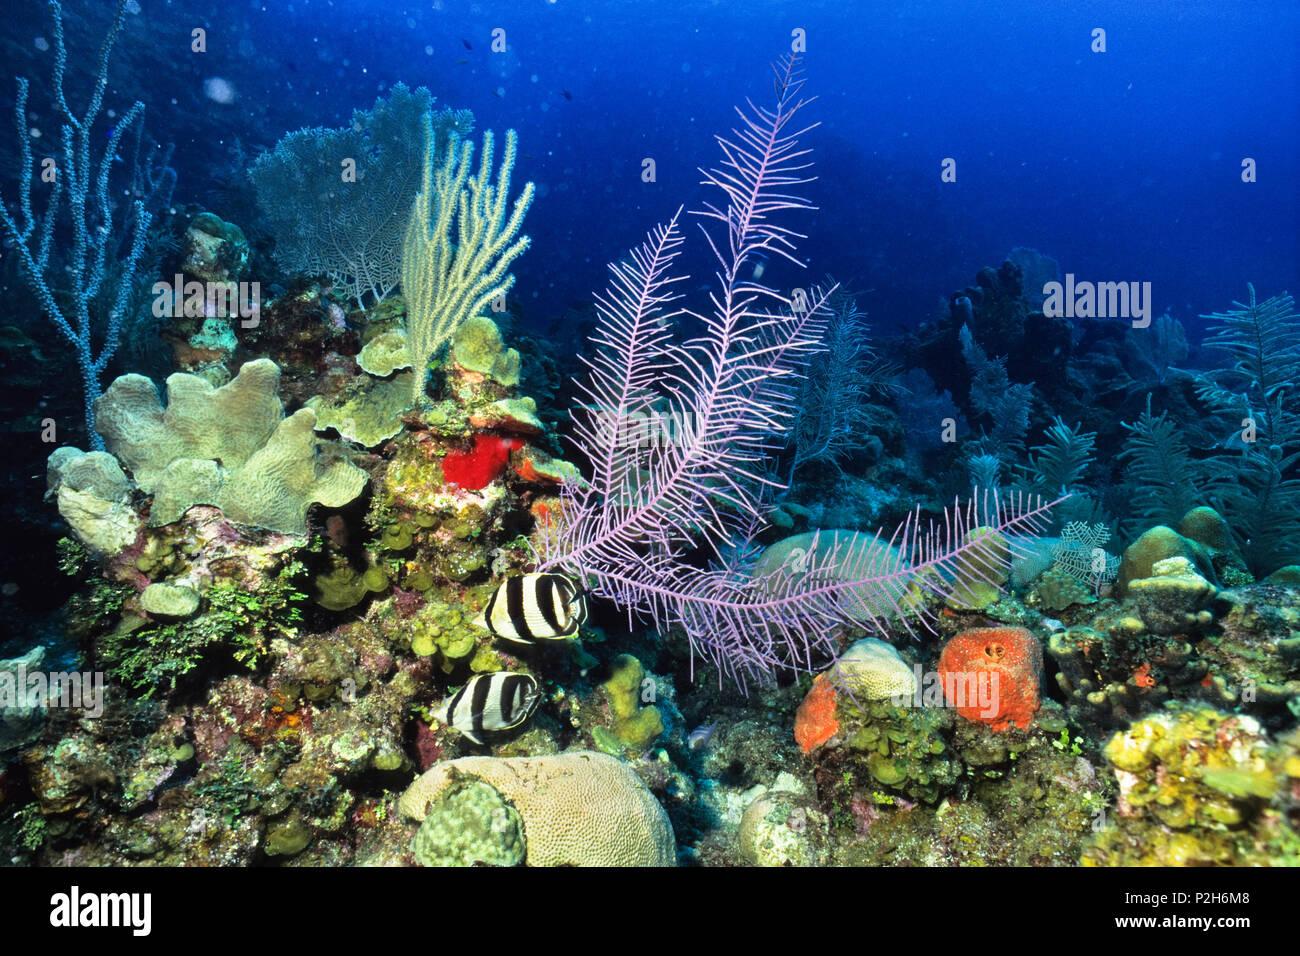 Banded Butterflyfish en arrecifes de coral, Chaetodon striatus, Honduras, El Caribe, América del Sur Imagen De Stock